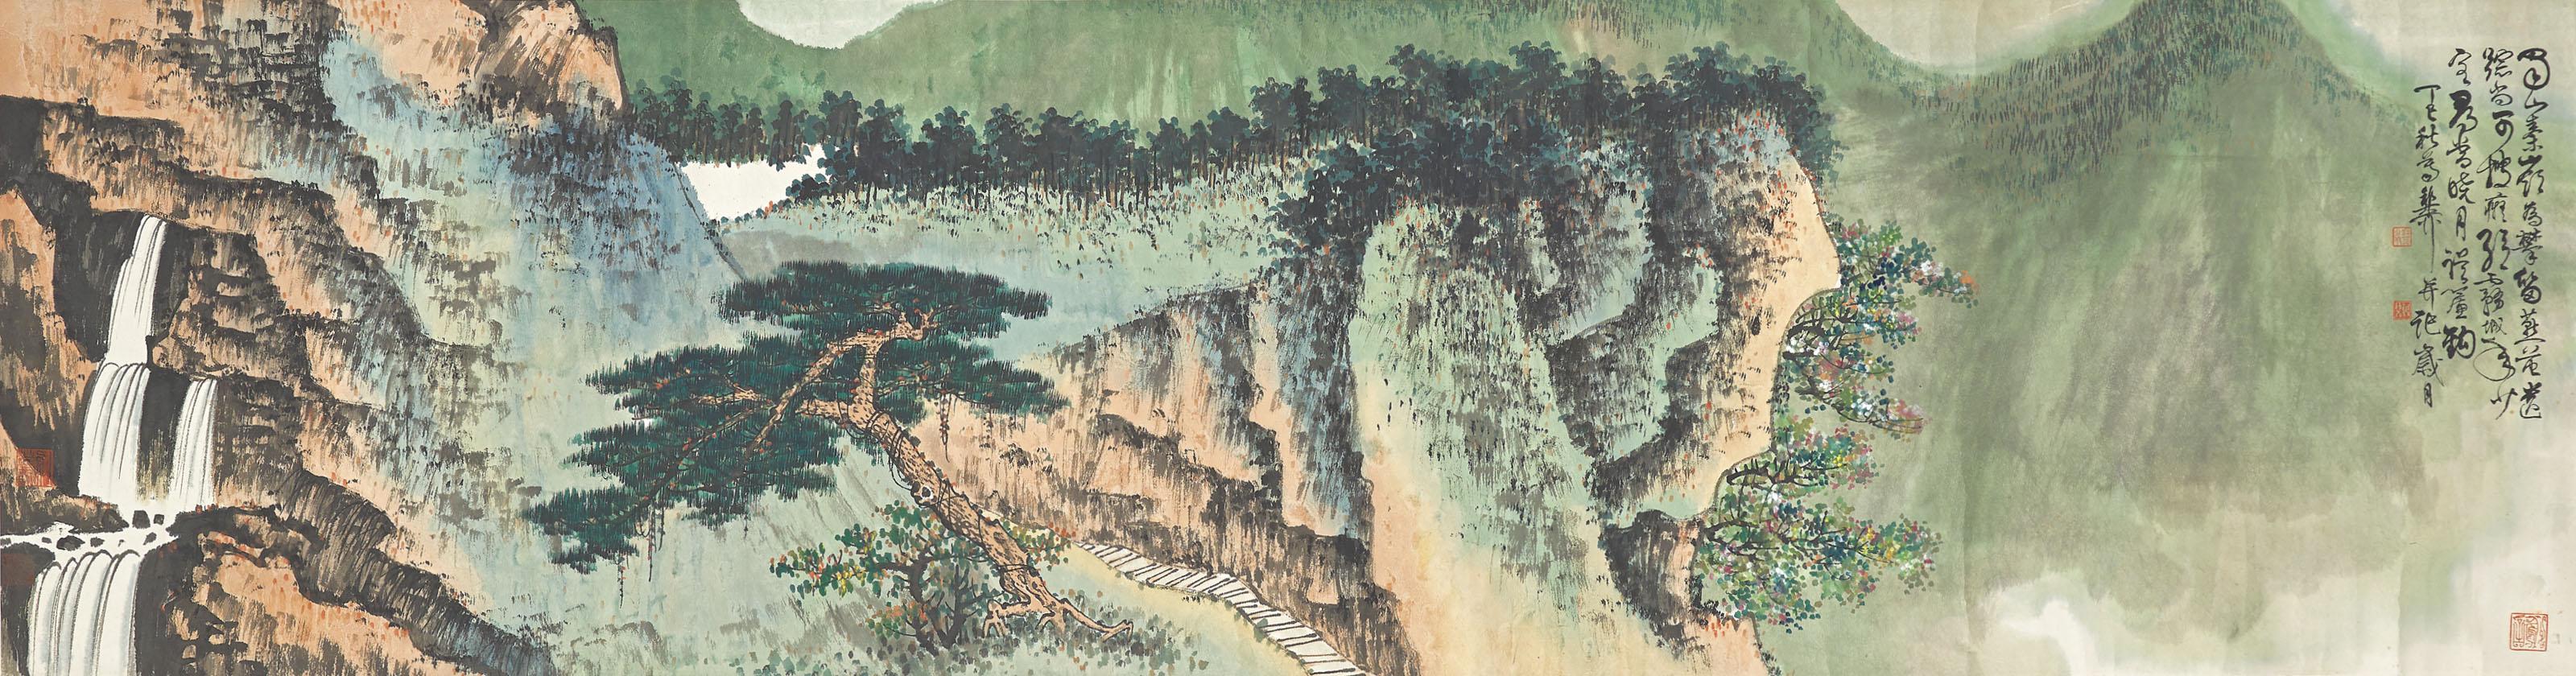 Landscape of Sichuan